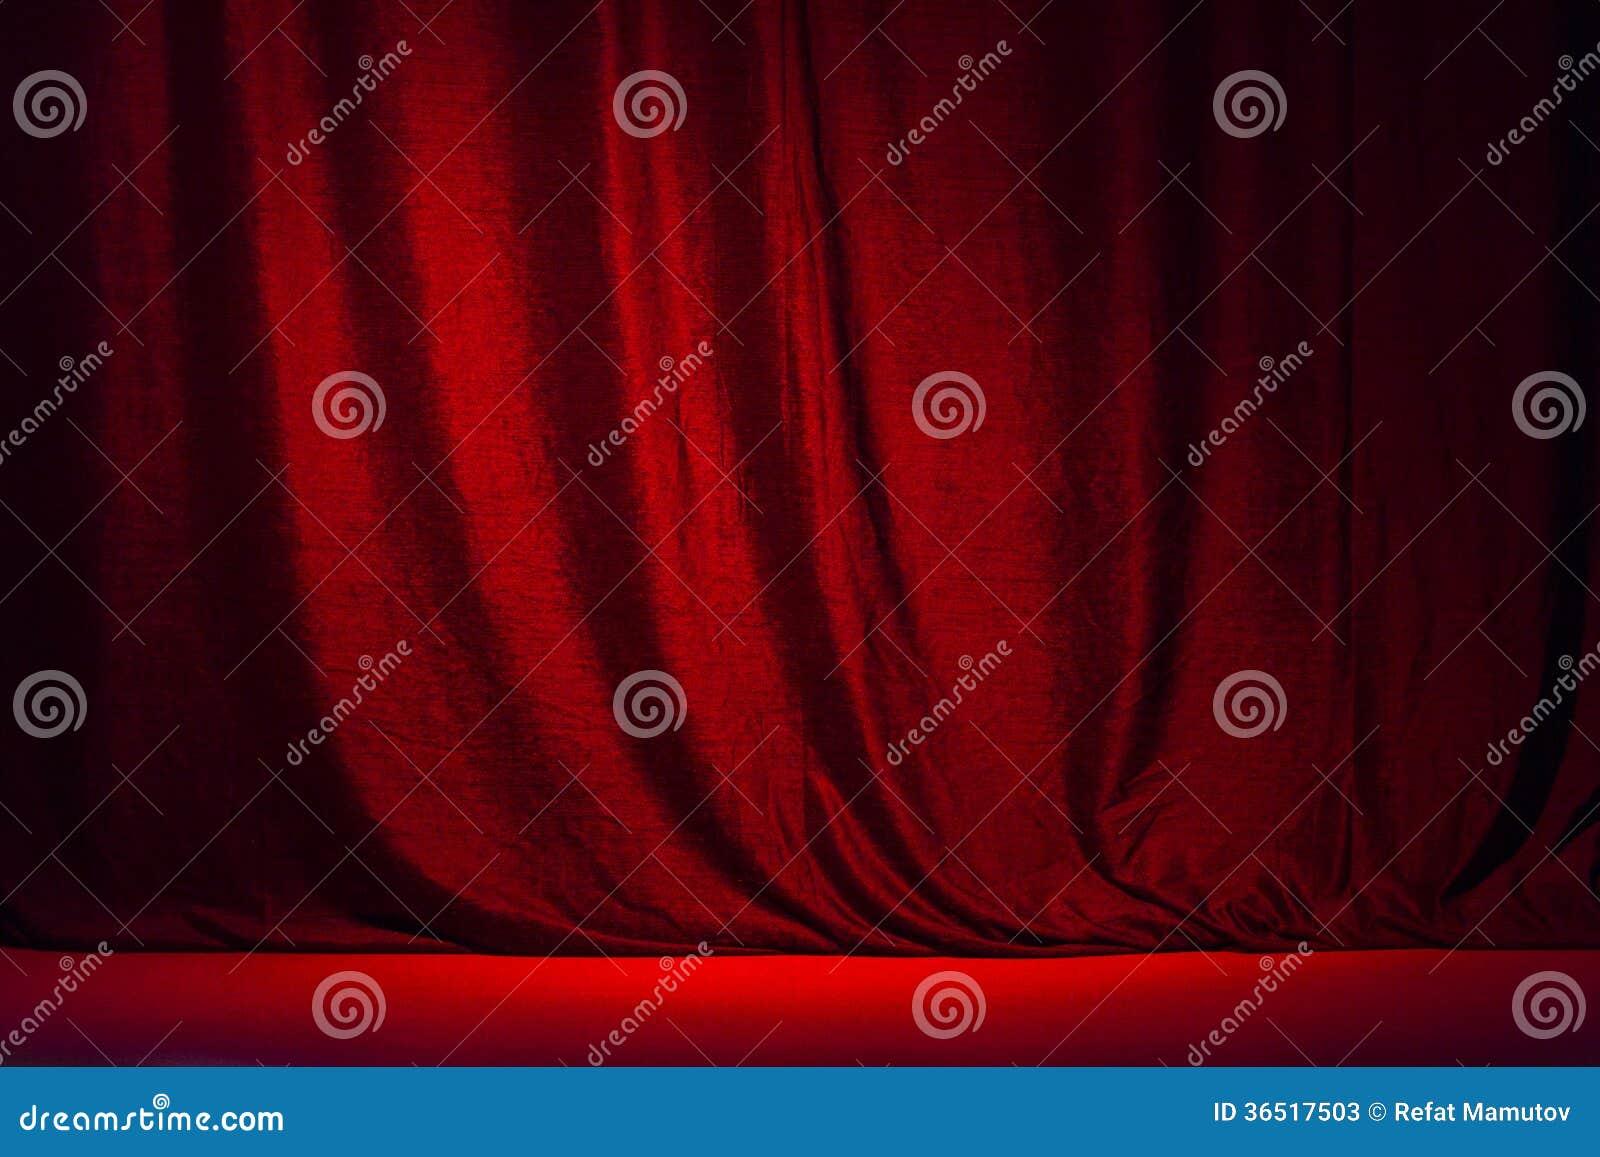 Rideau rouge et la scène. Ajy